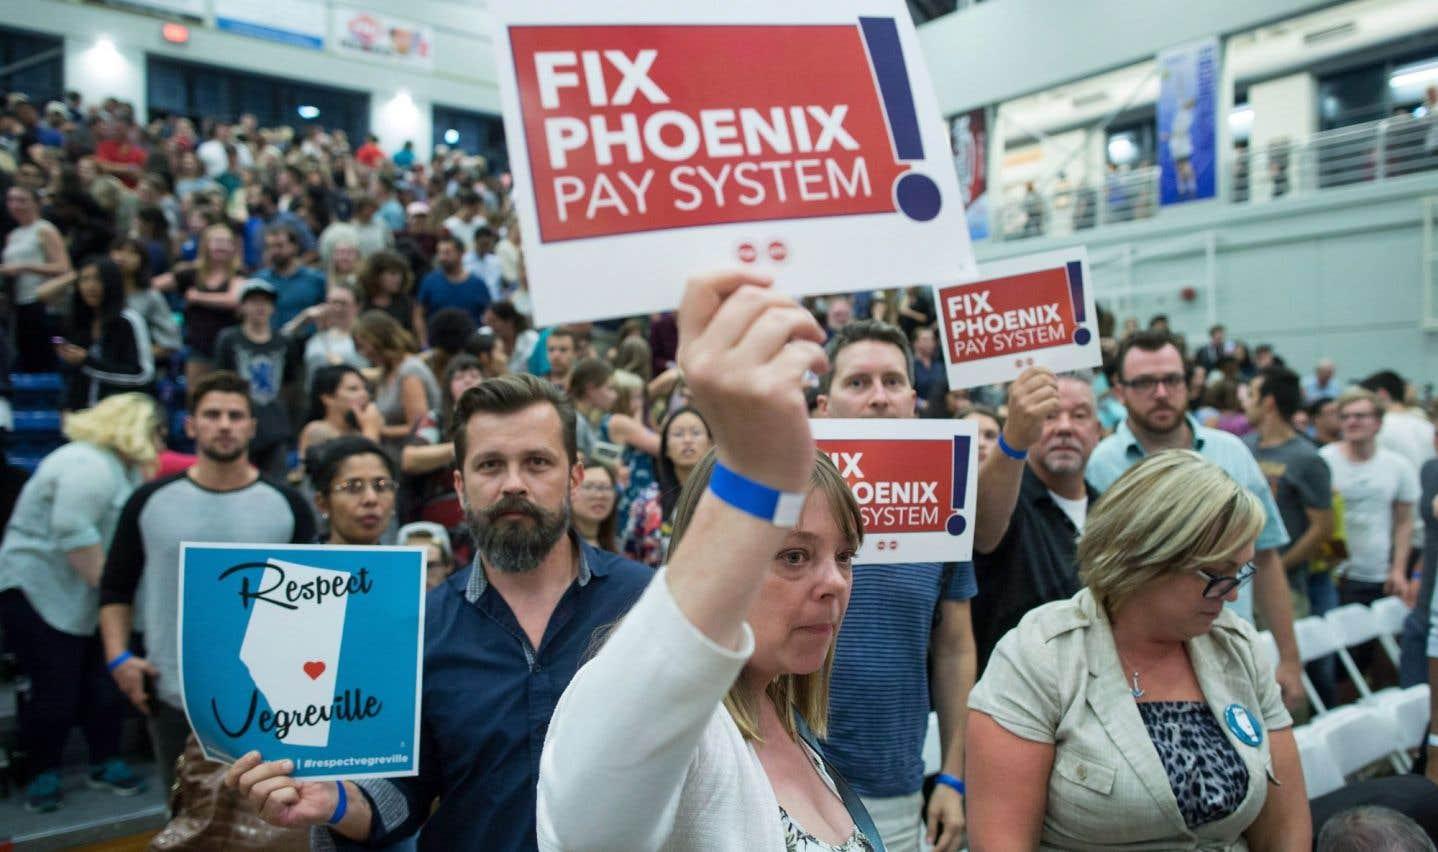 Le système de paie Phénix met à mal la vie privée des fonctionnaires fédéraux